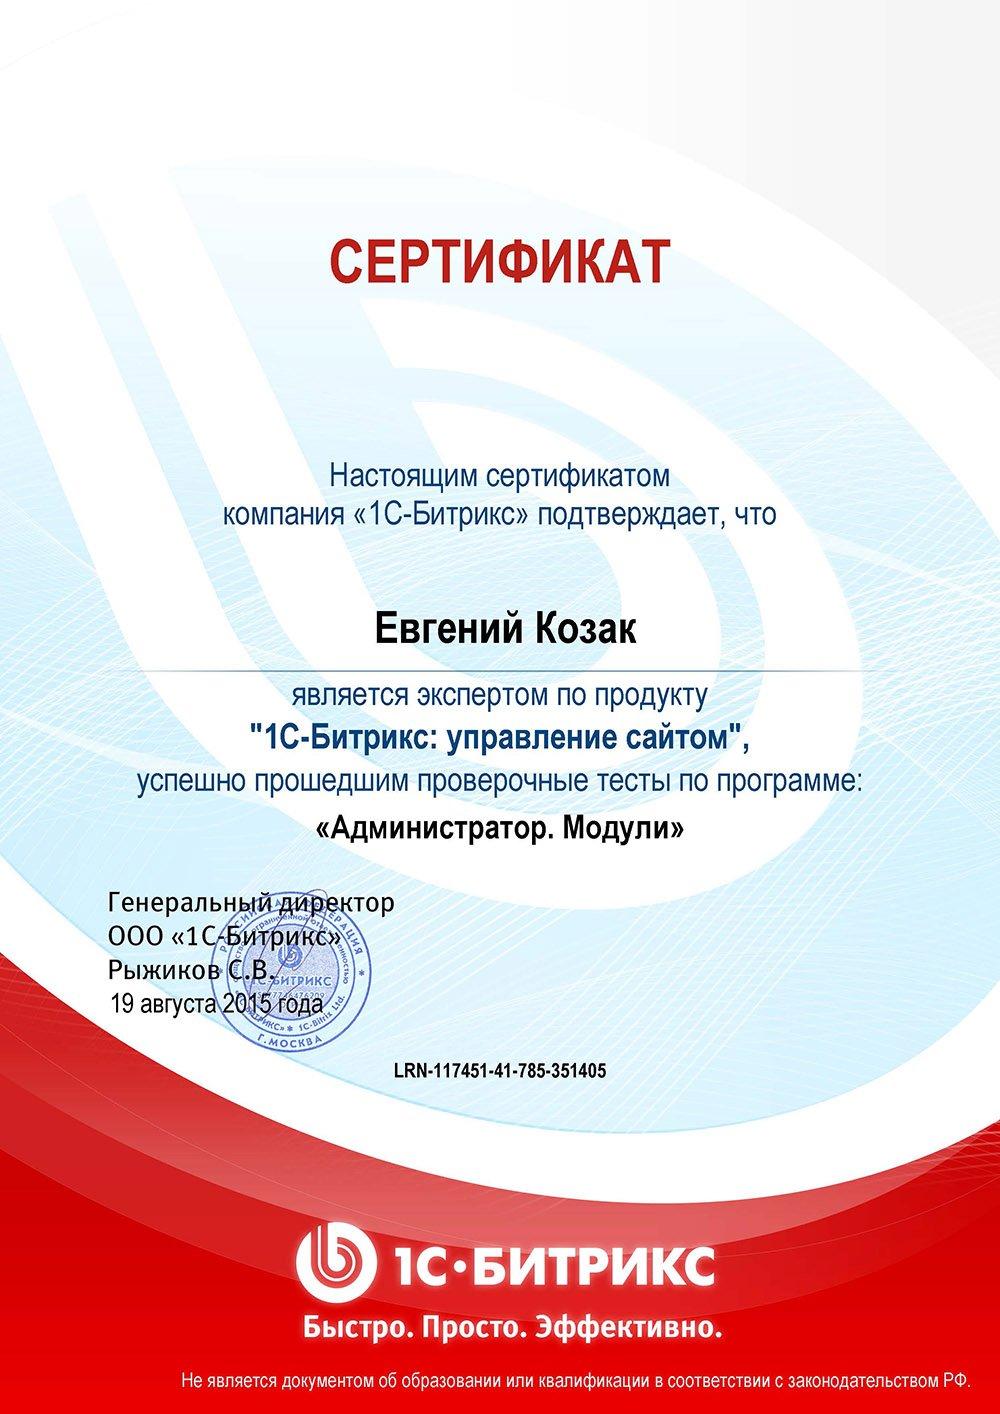 Евгений Козак. Сертифицированный специалист. «Администратор. Модули» 1С-Битрикс.